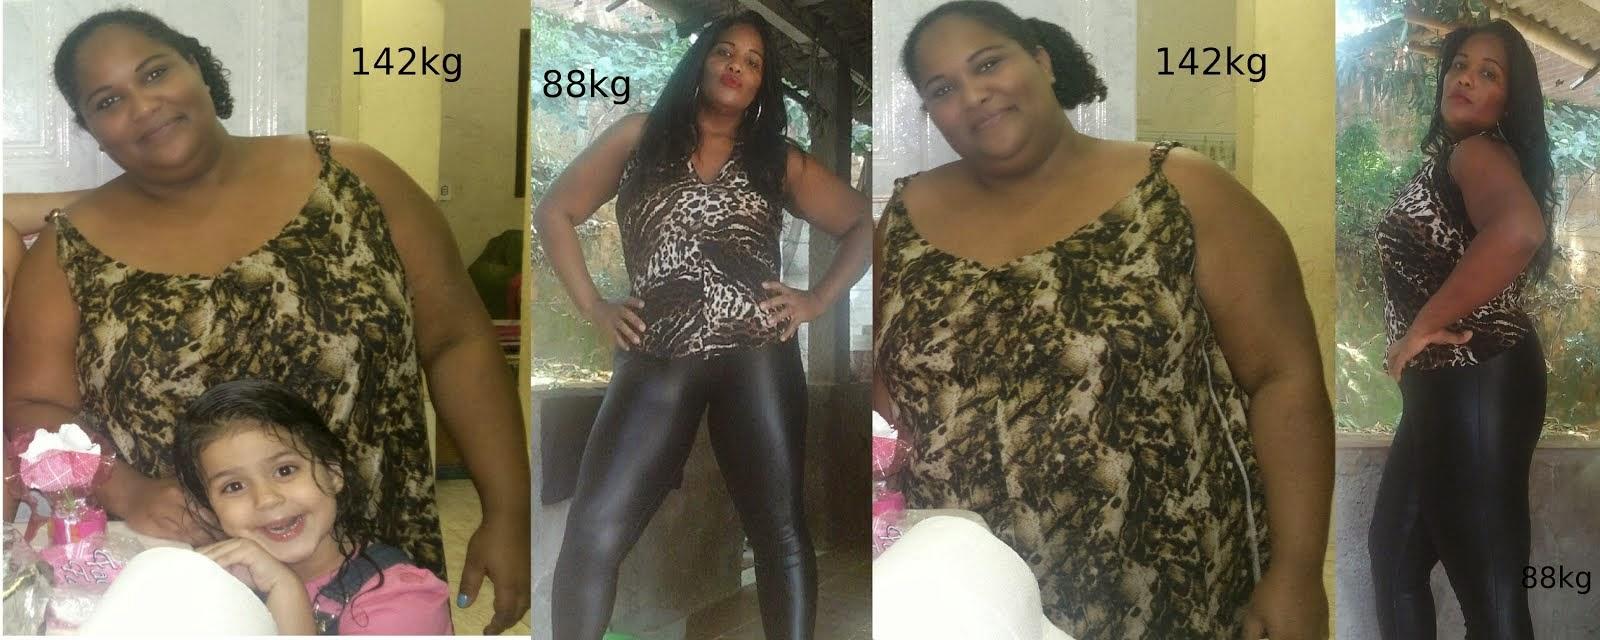 Com 88kg